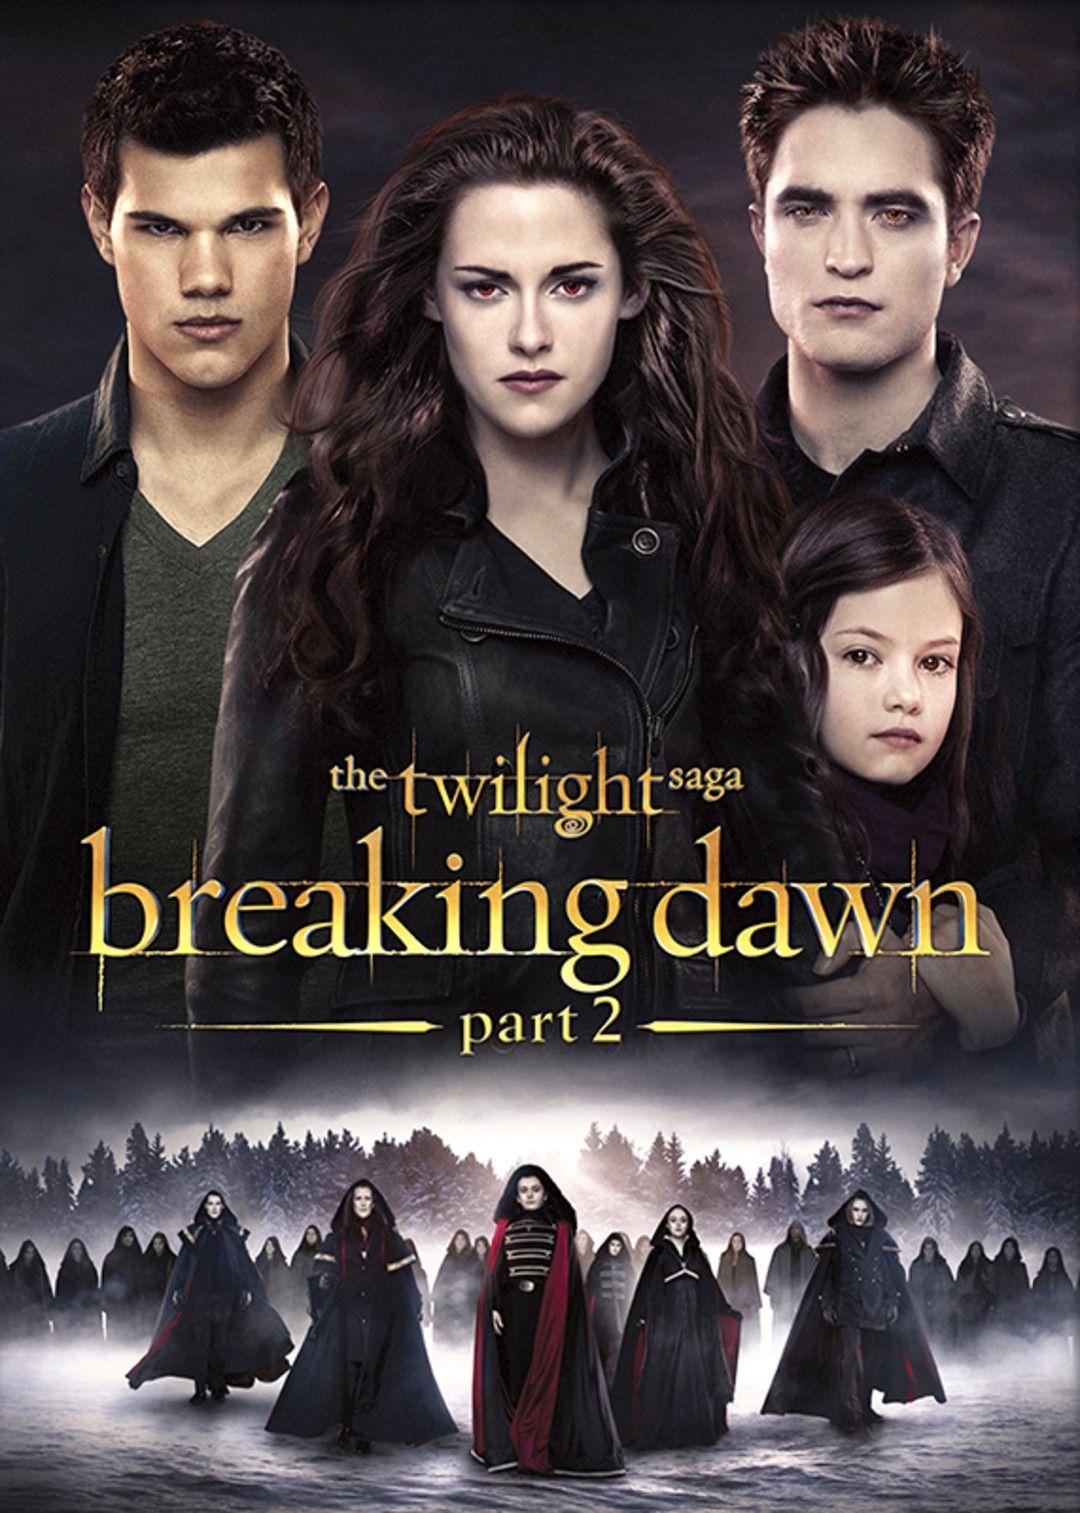 Twilight 4 Ganzer Film Deutsch